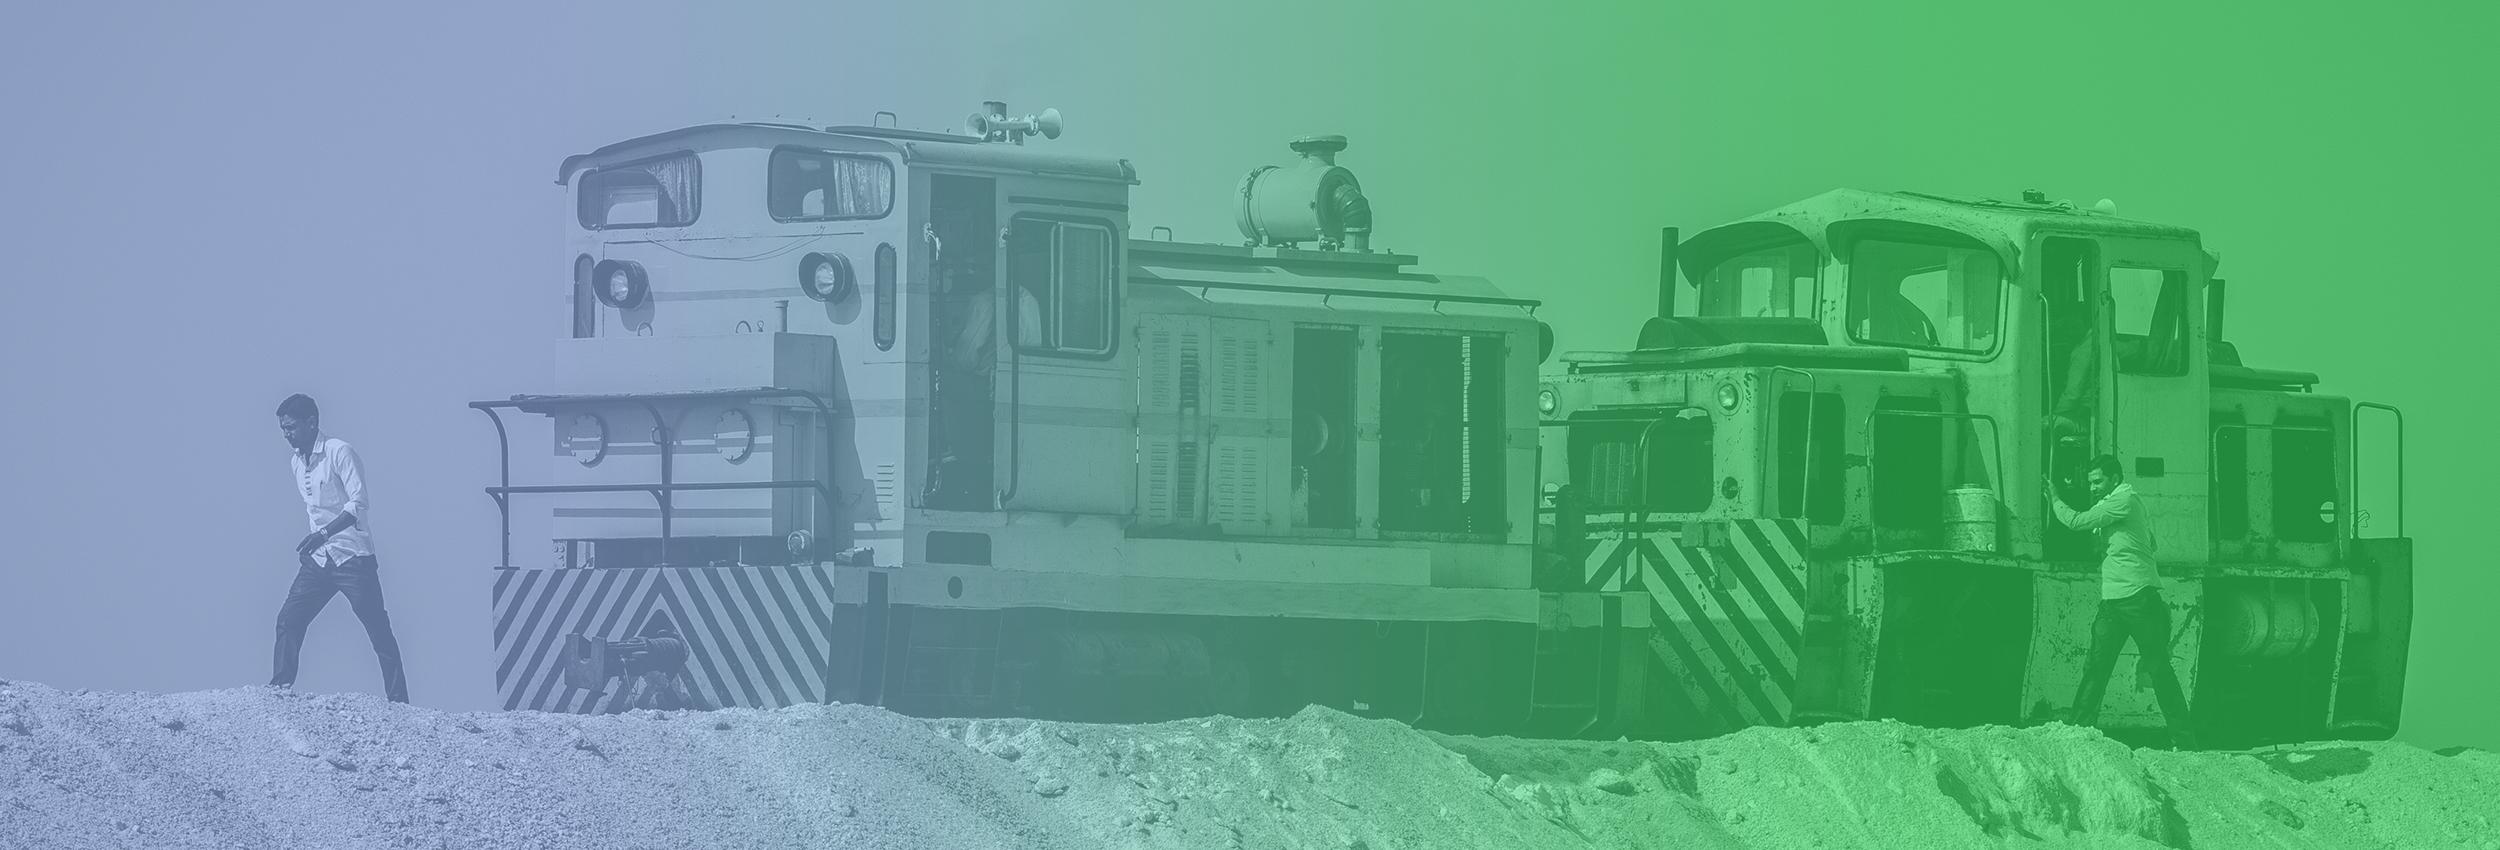 Оплачиваем проезд: как передвигаться по Индии? Оплачиваем проезд: как передвигаться по Индии? poeyd